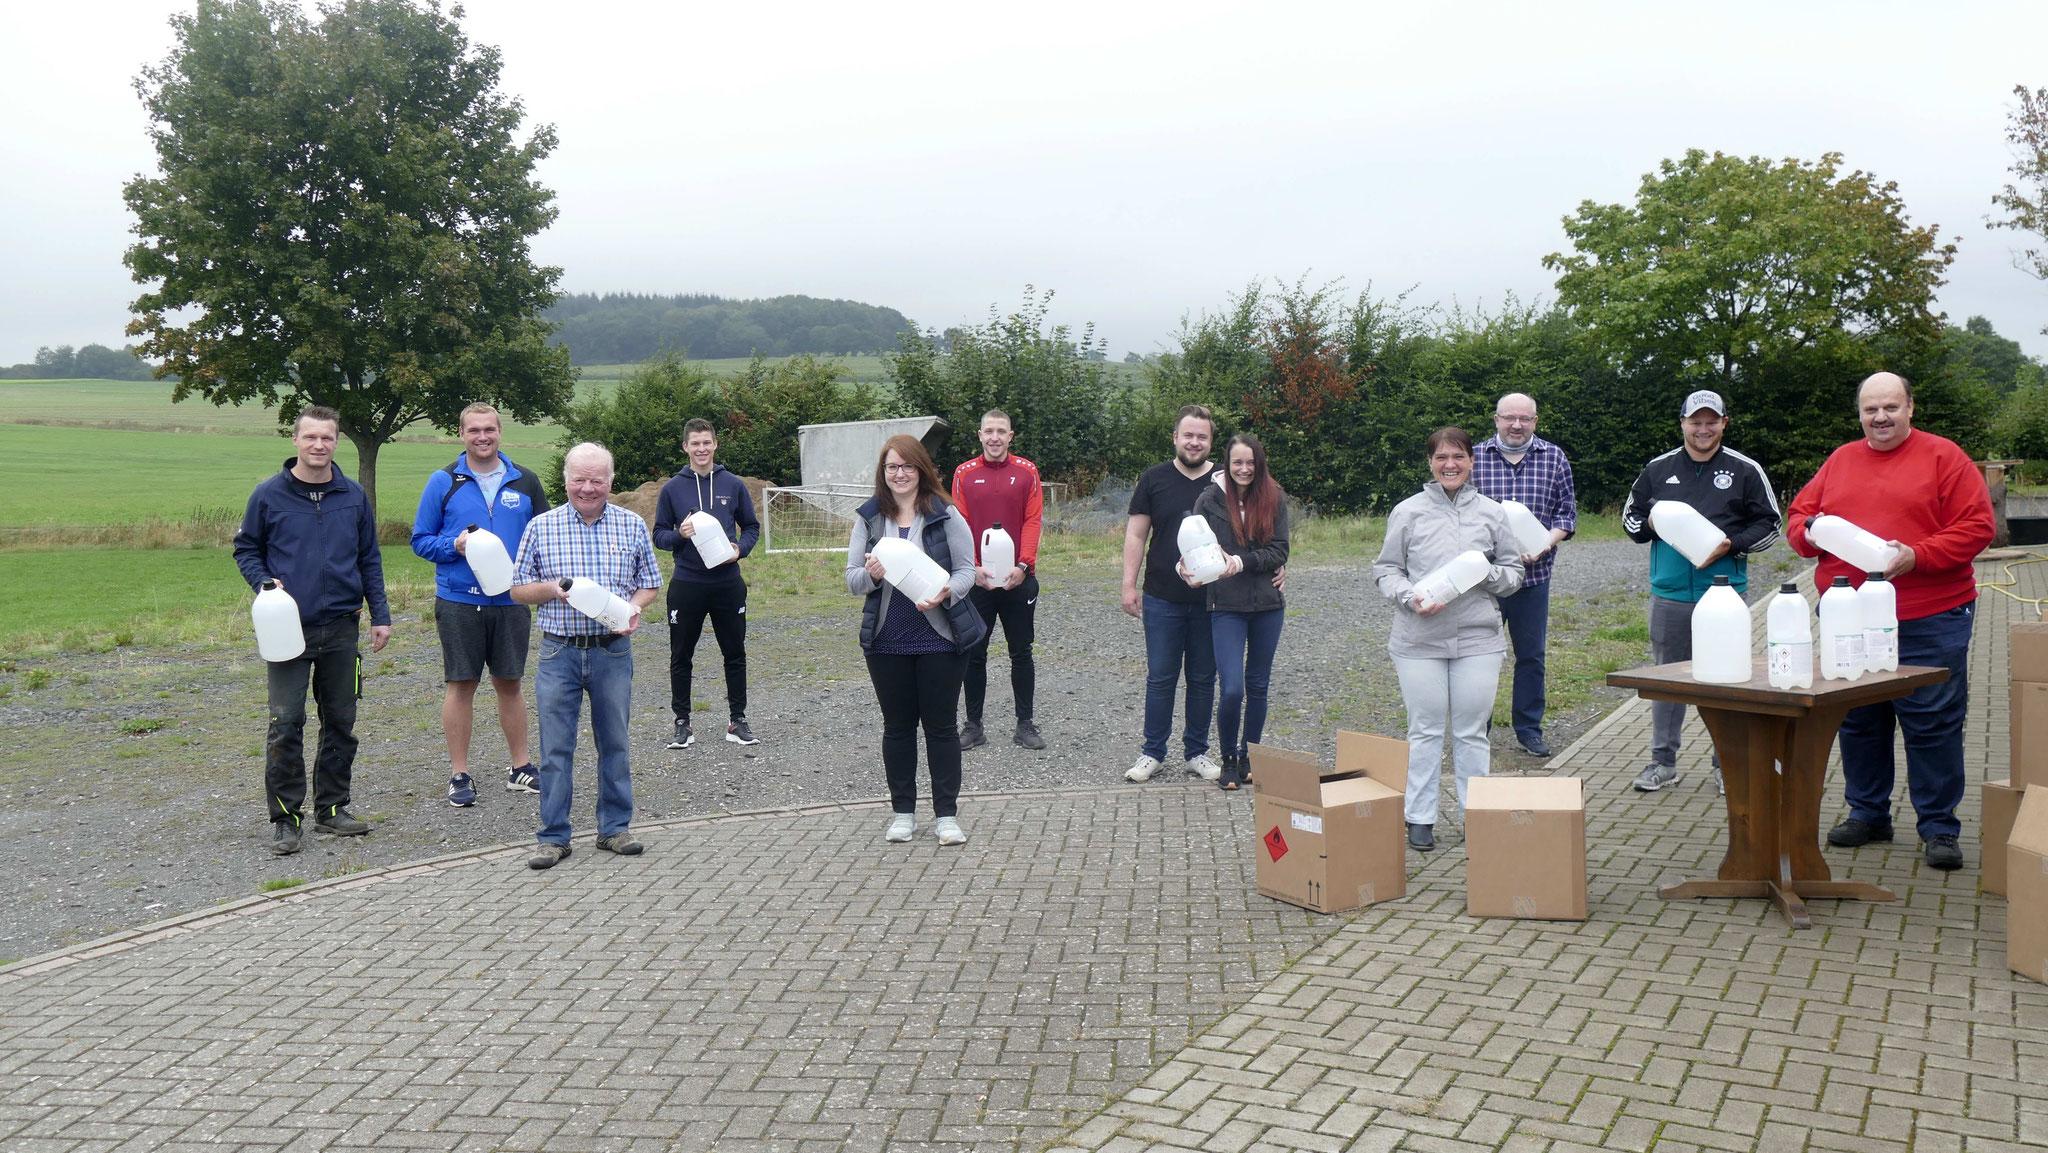 Übergabe des kostenlosen Desinfektionsmittel für unsere Sportvereine im Vogelsbergkreis